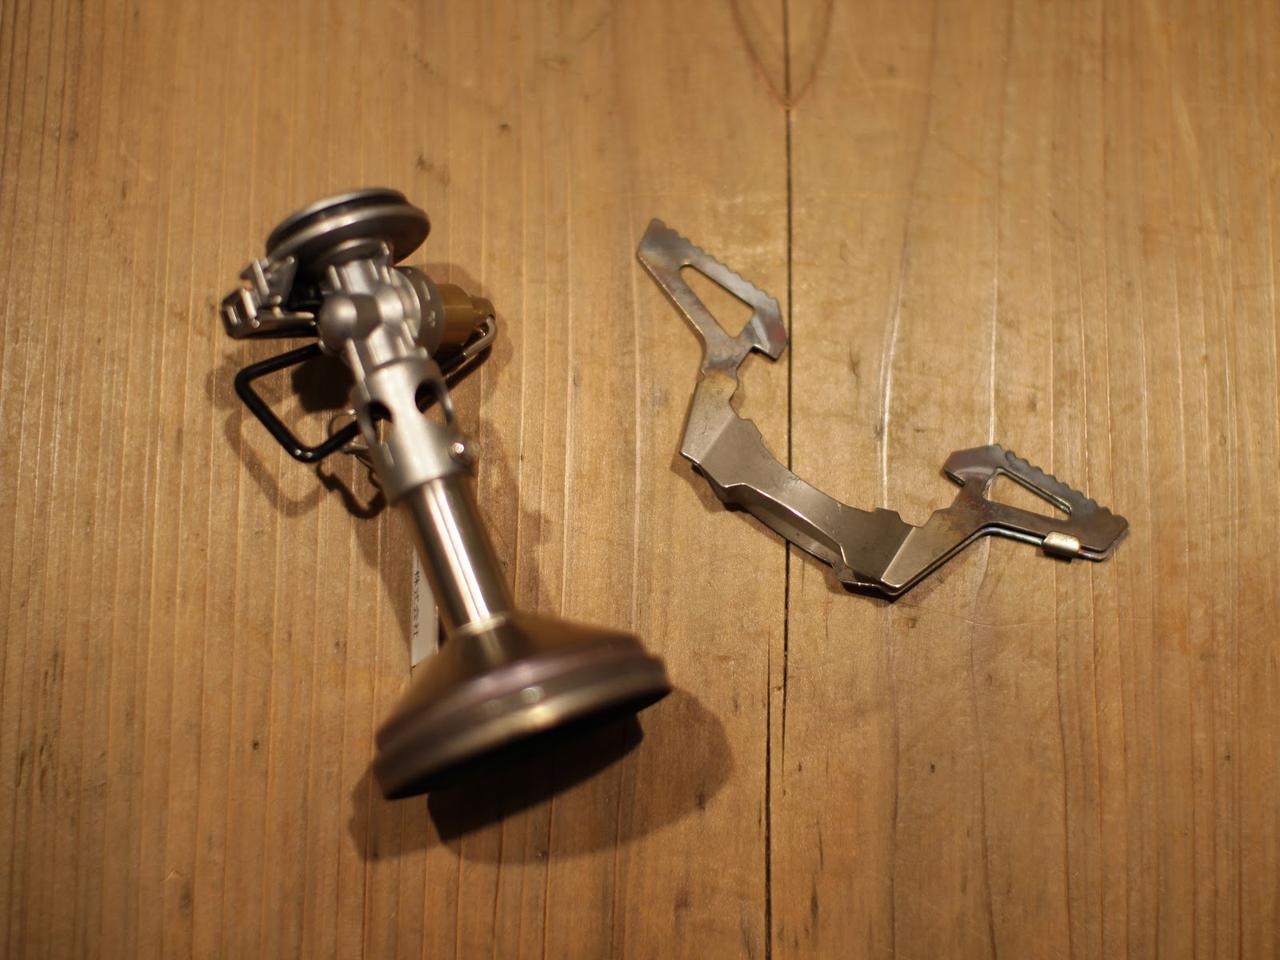 画像: 【SOTO・ウインドマスターの魅力1】非常に軽い! 手のひらサイズのコンパクトなシングルバーナー